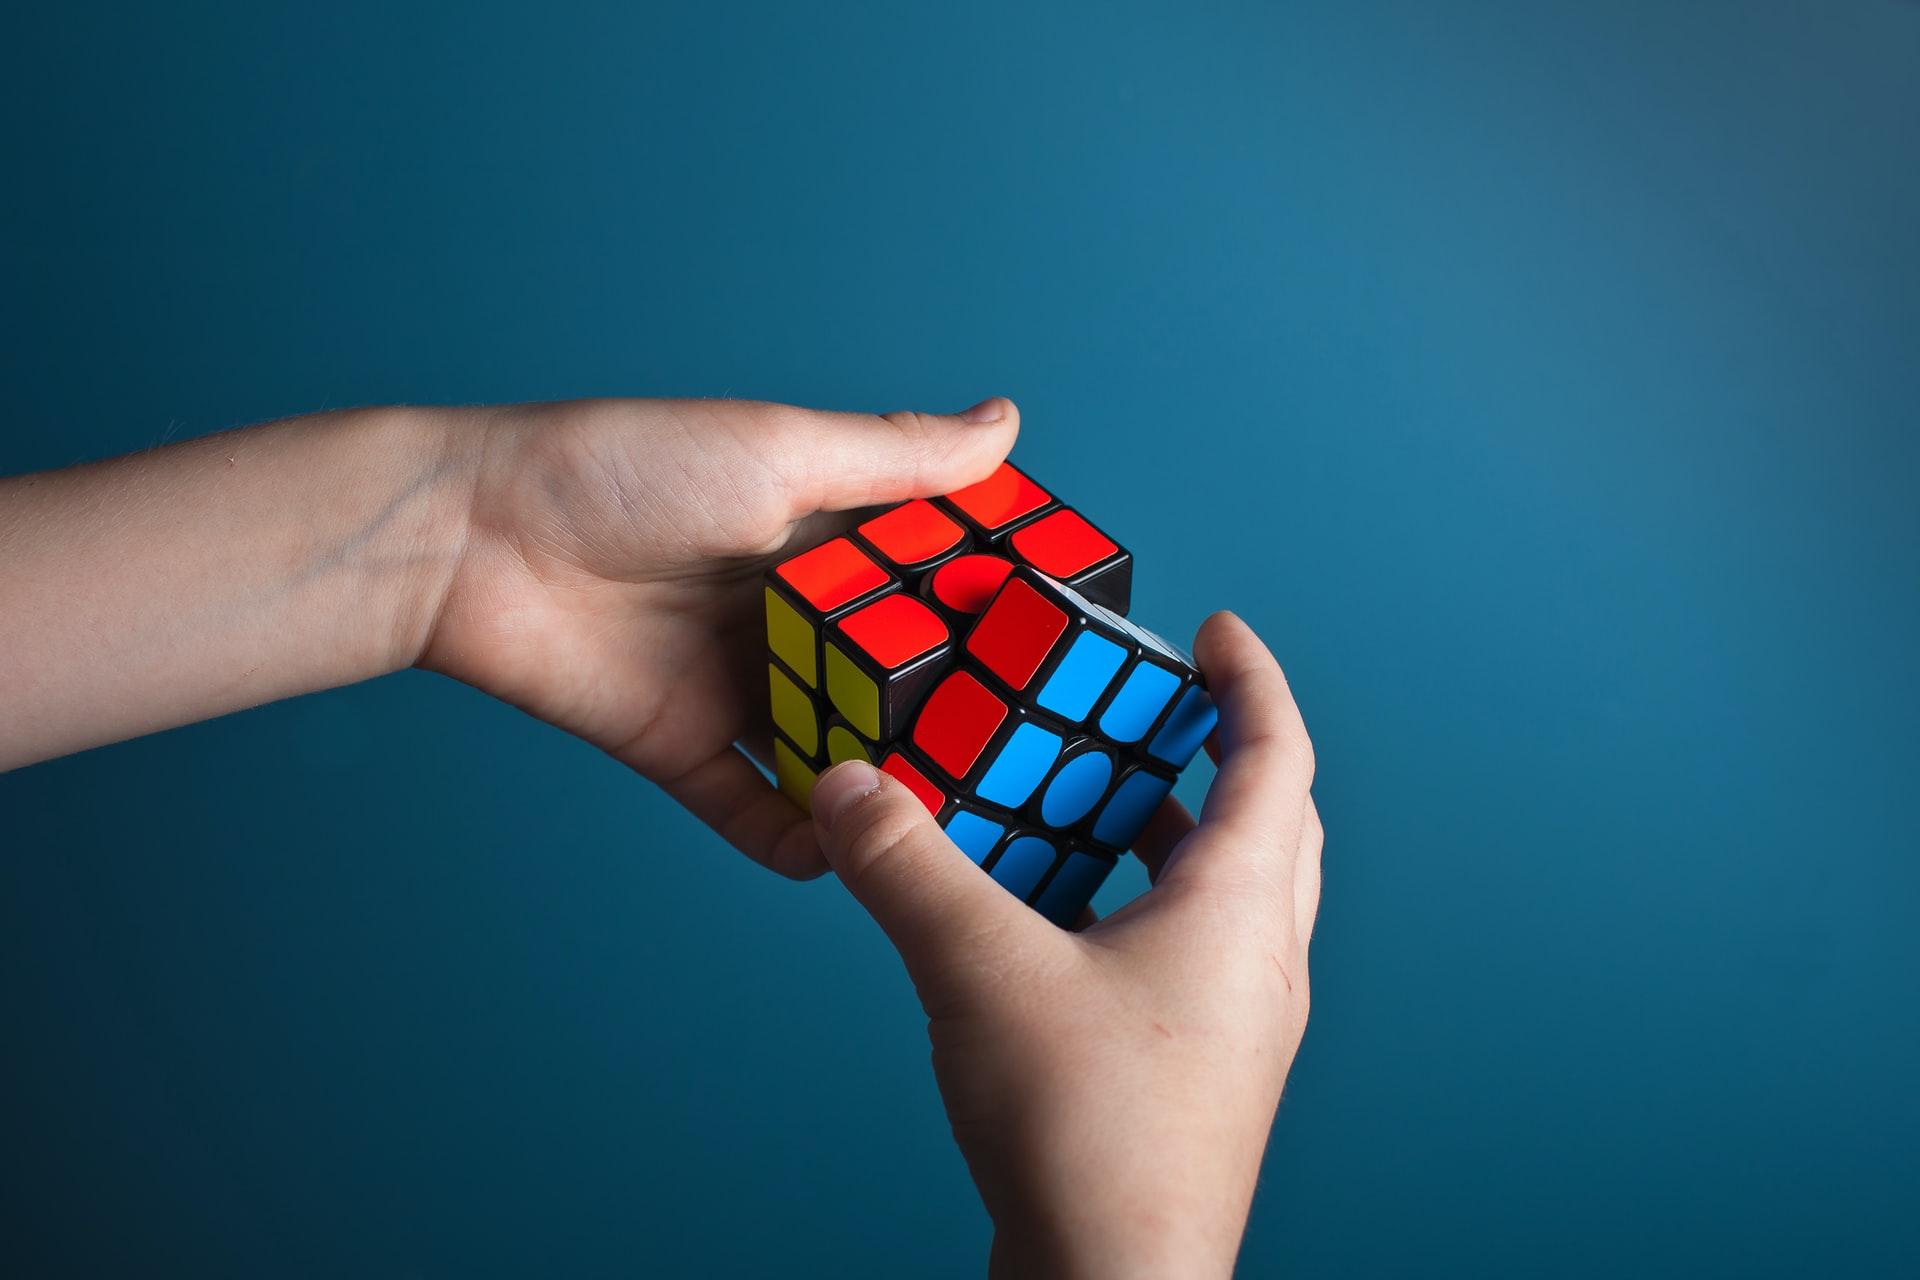 ルービックキューブのイメージ